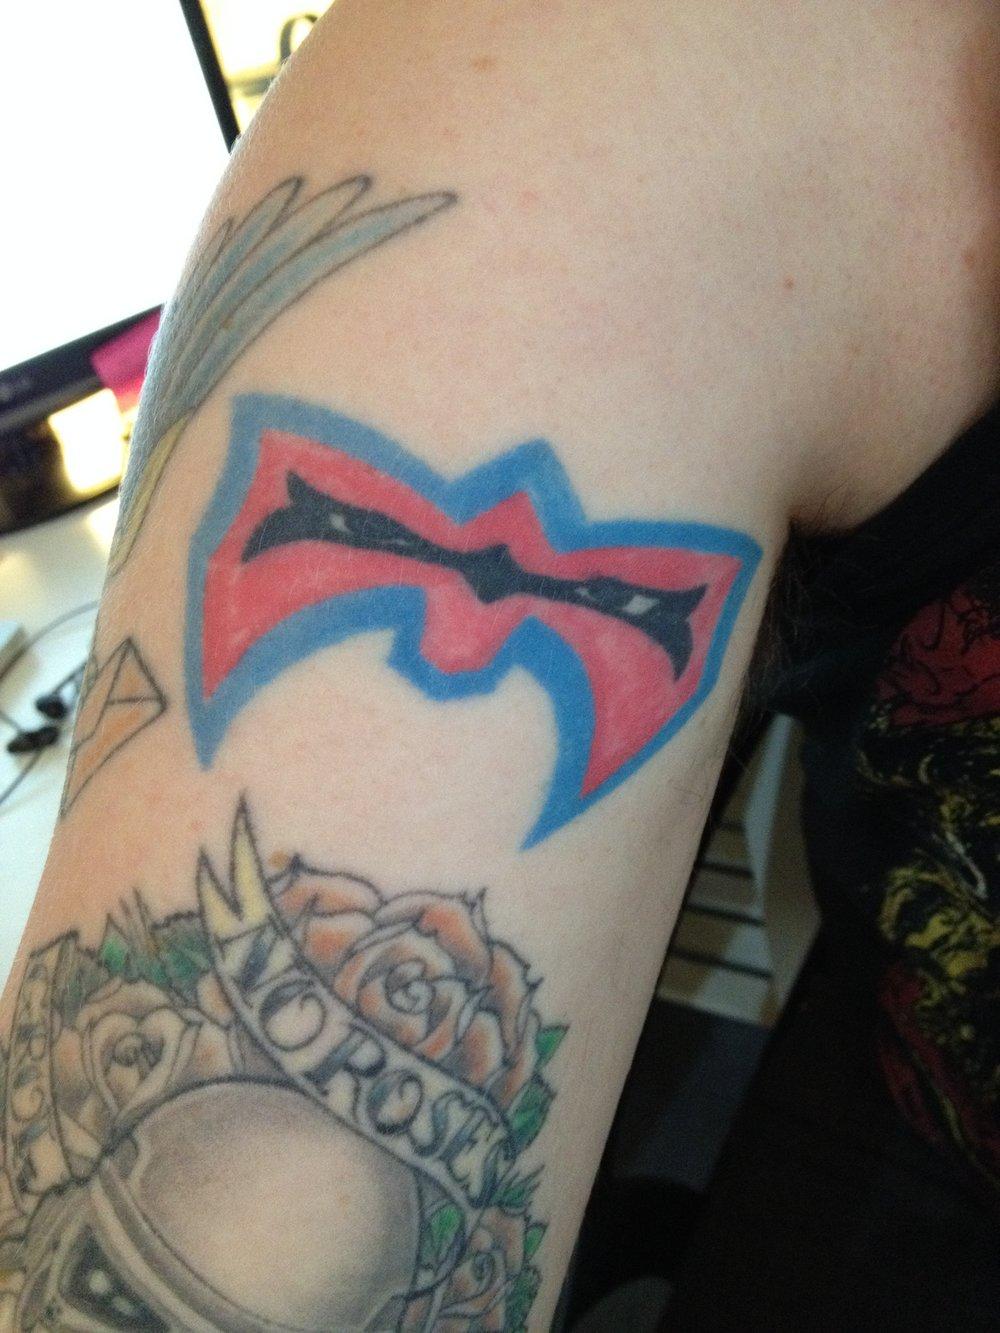 Michael's WWE tattoo